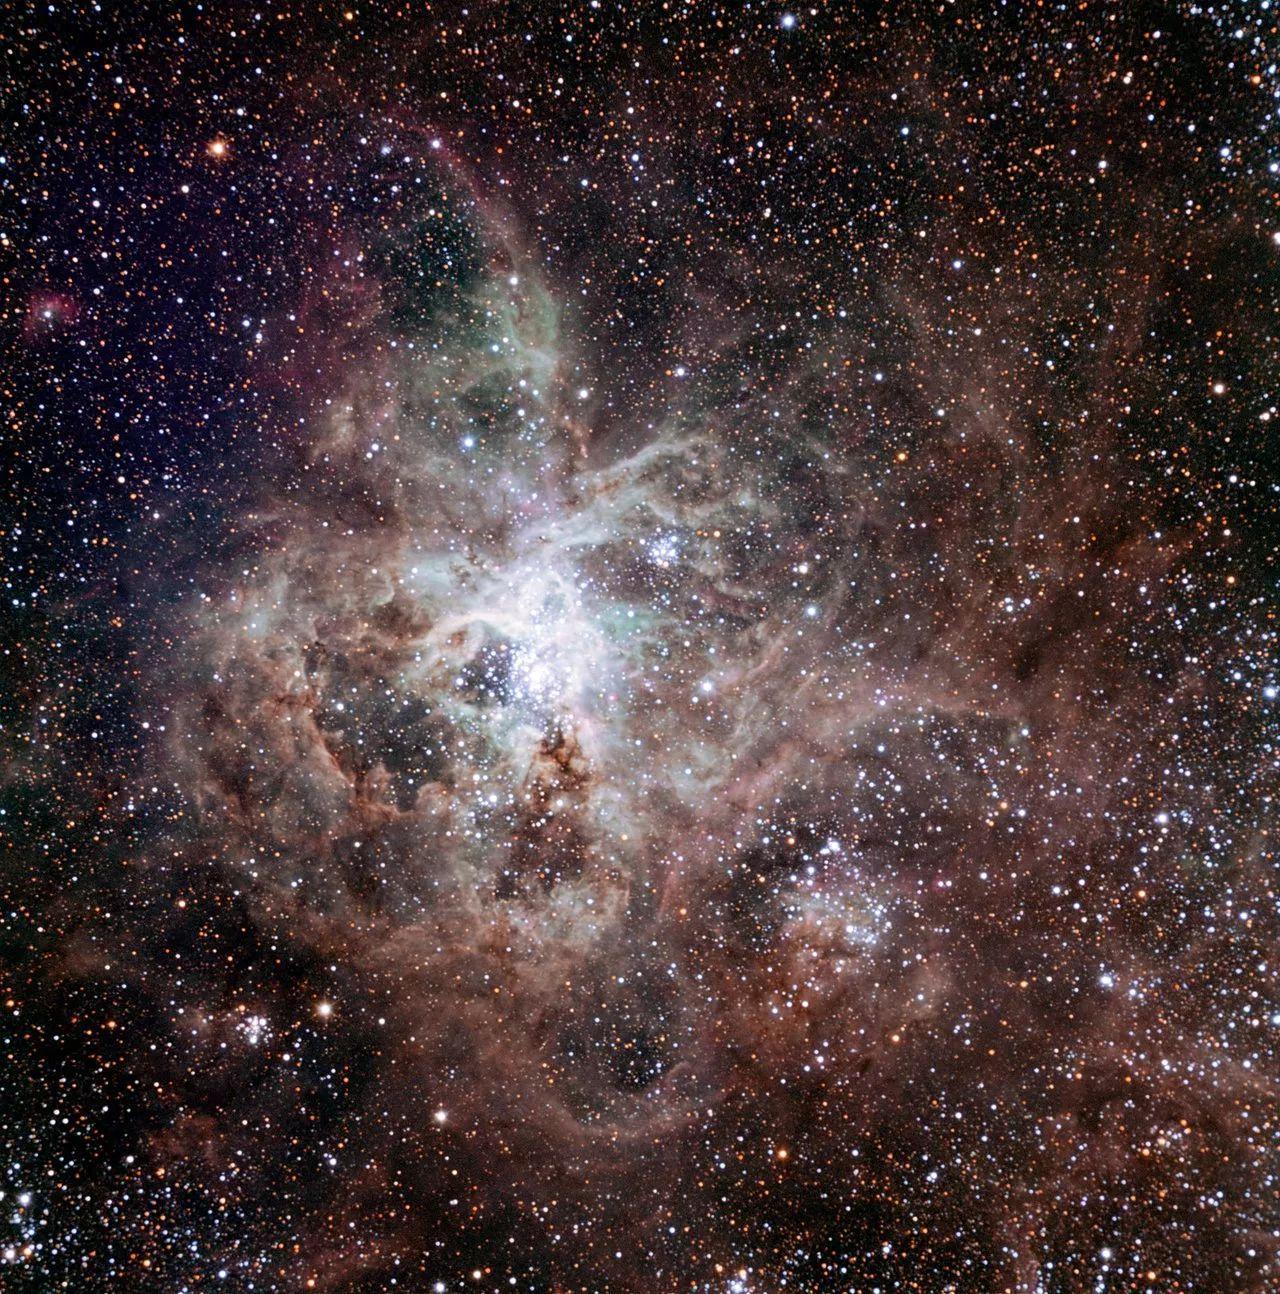 一个可能会从根本上改变人类宇宙观的小发现